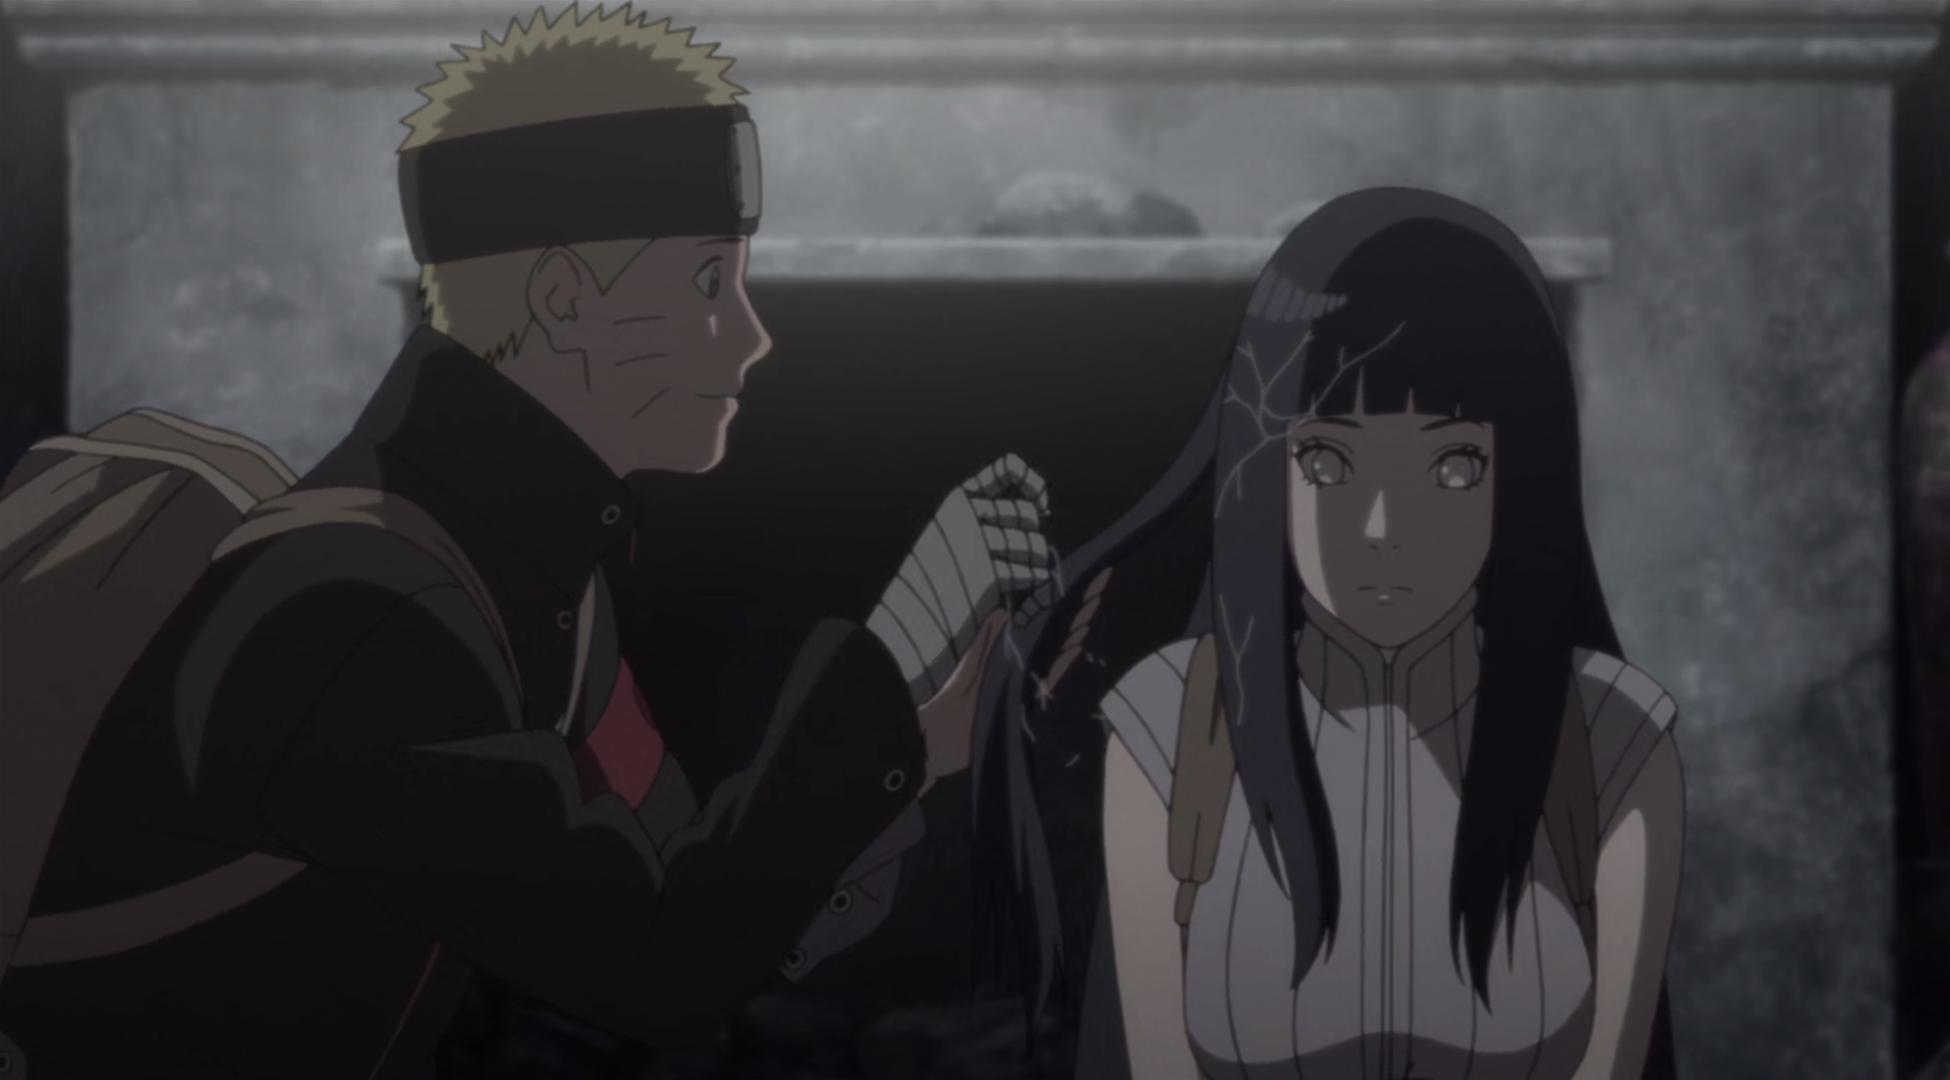 Naruto hinata dating fanfic